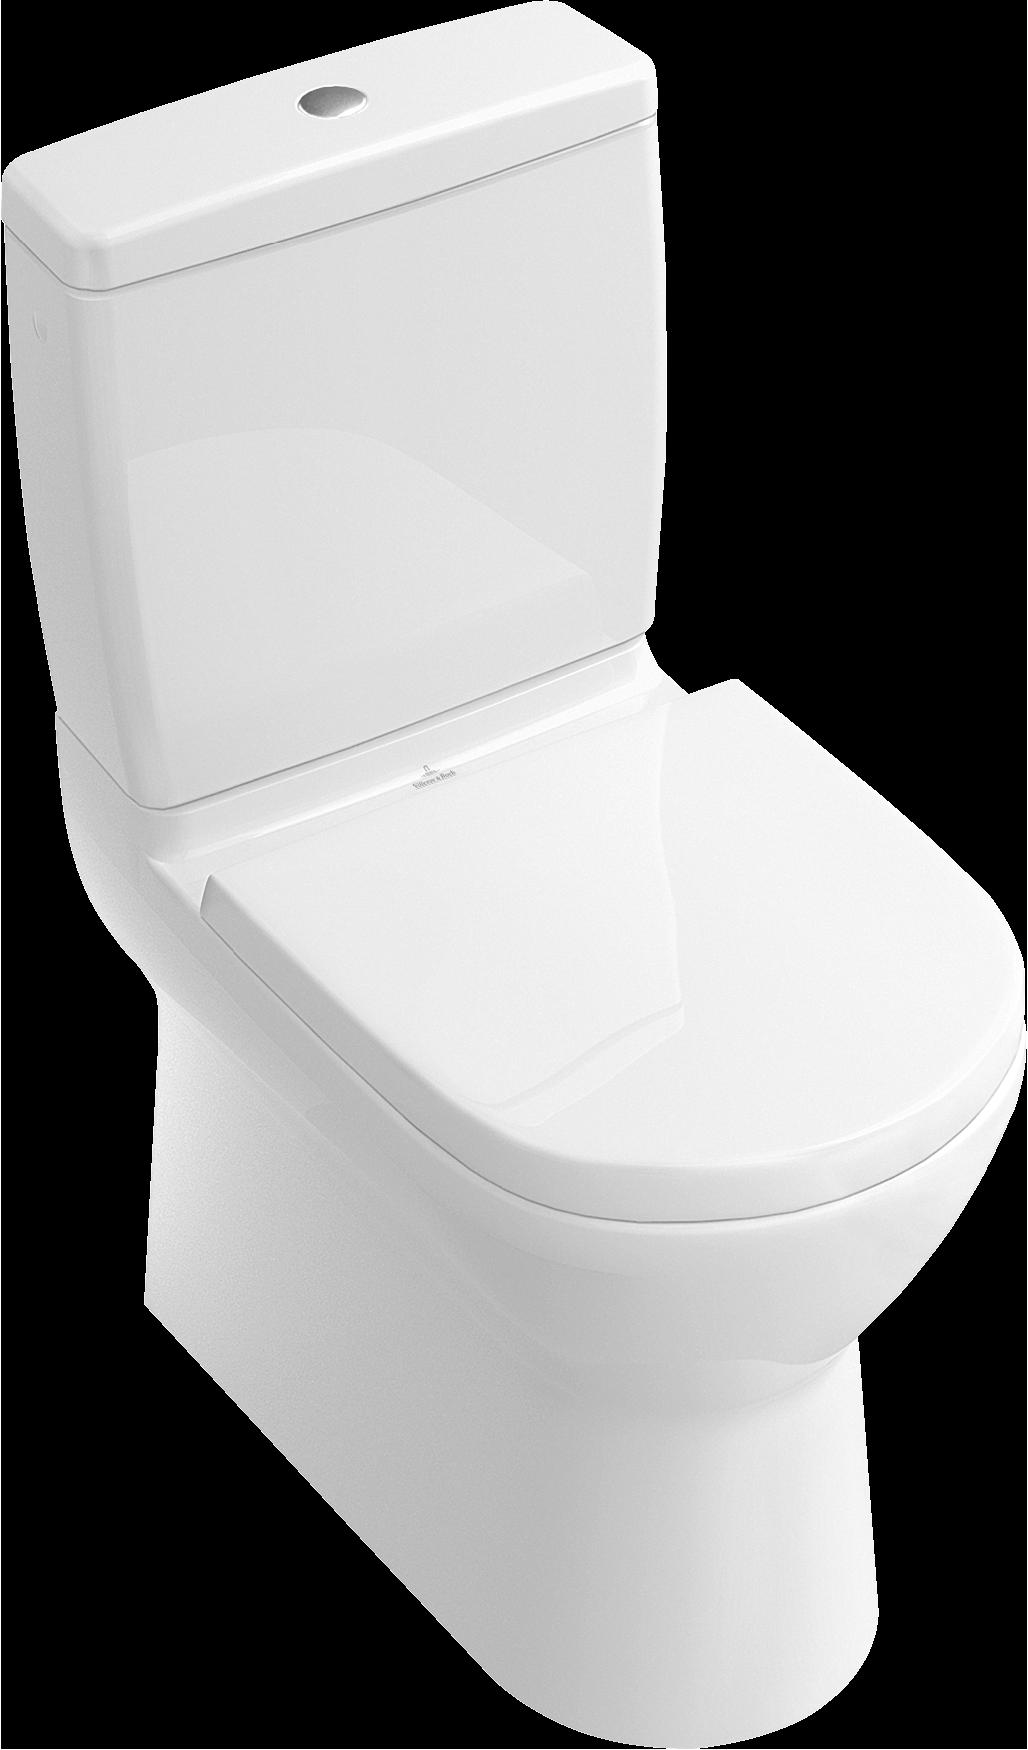 Villeroy and boch o novo toilet